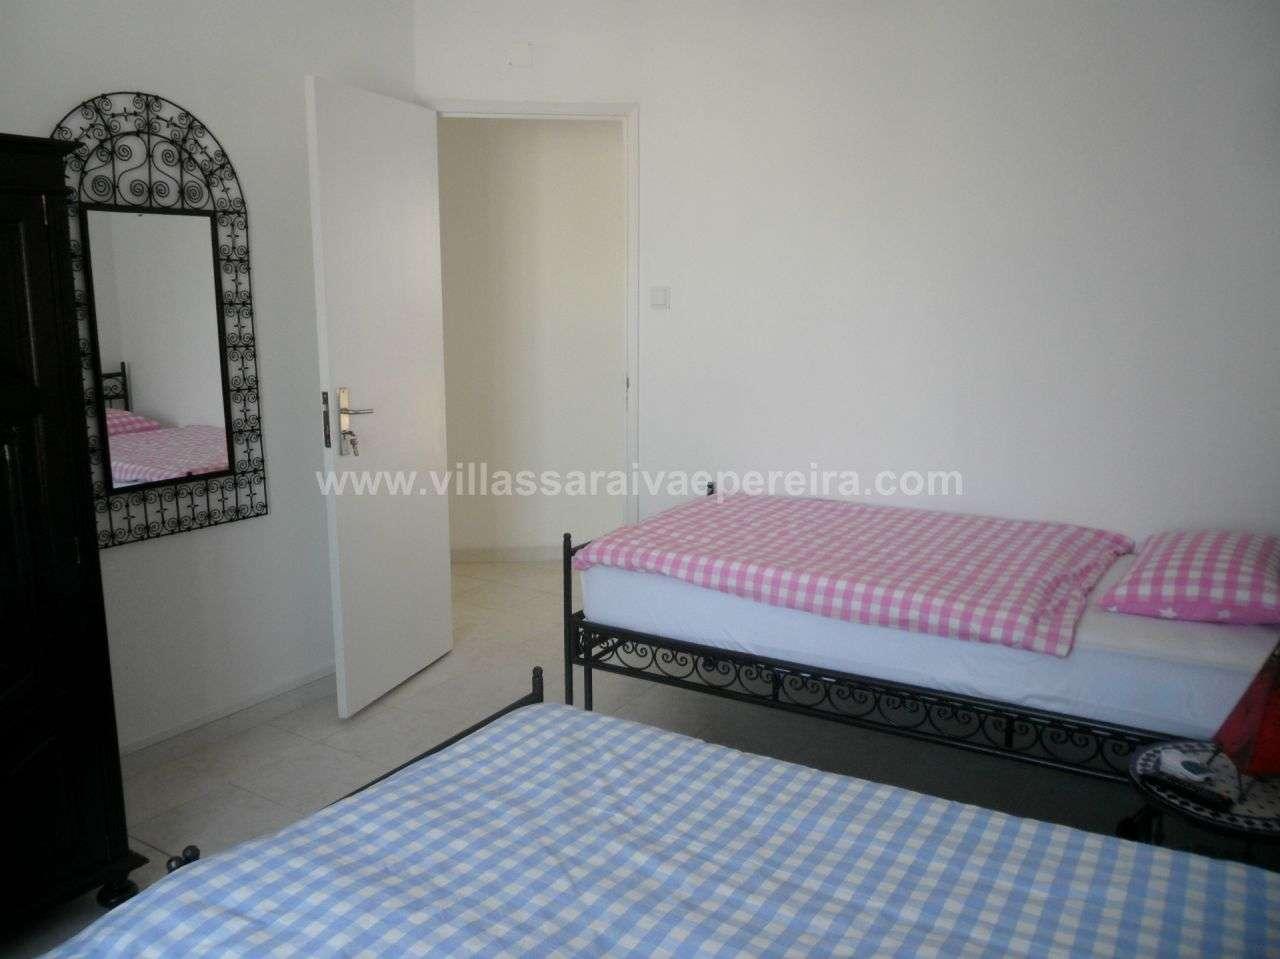 Apartamento para comprar, Olhão, Faro - Foto 16